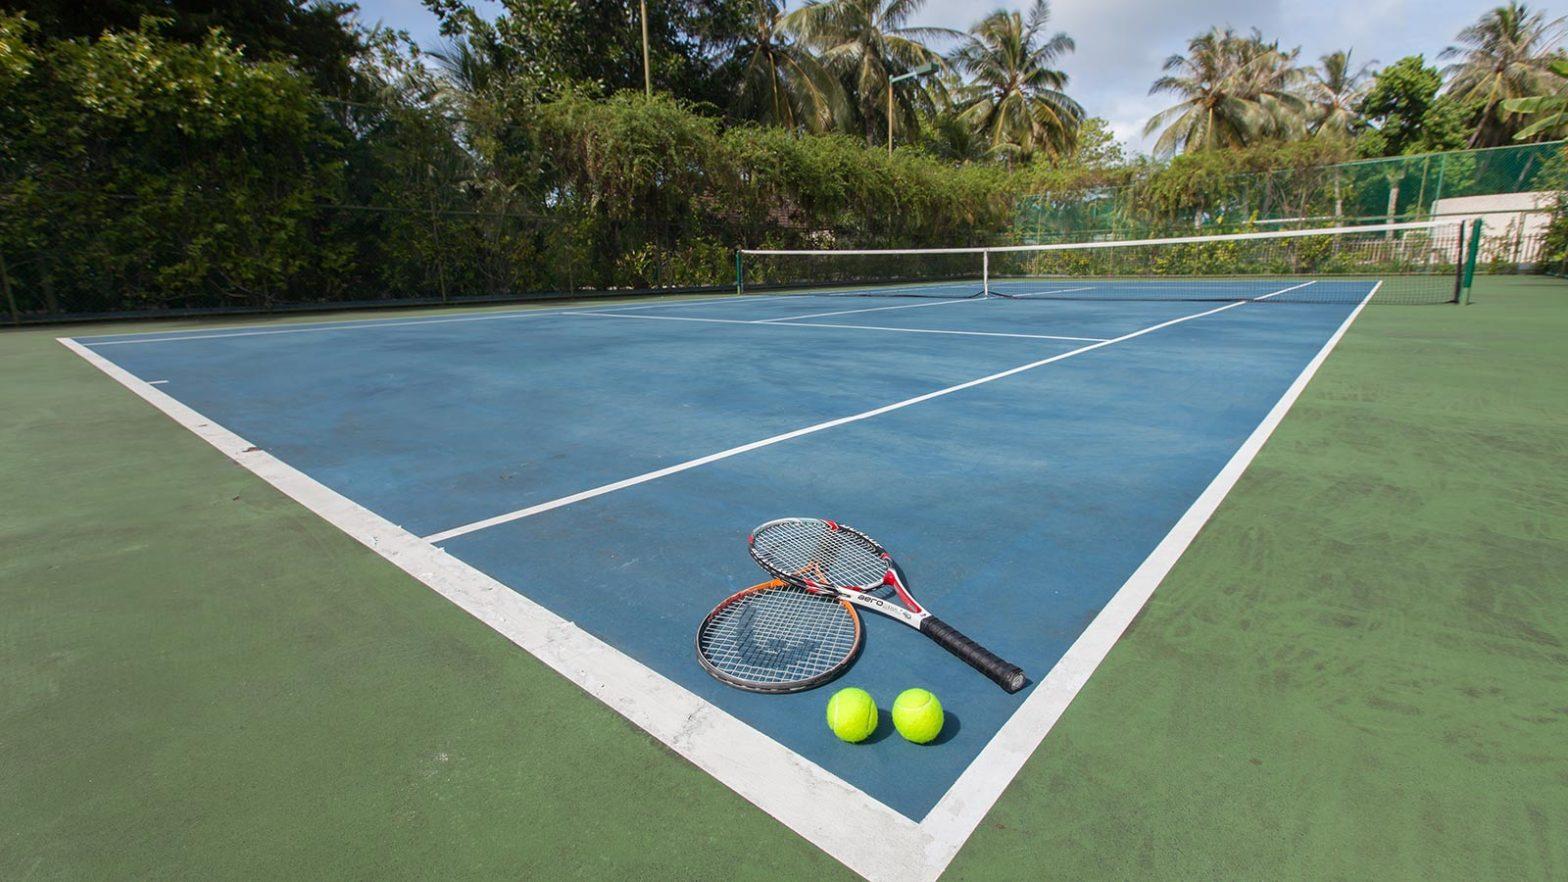 ракетки на тенисном корте